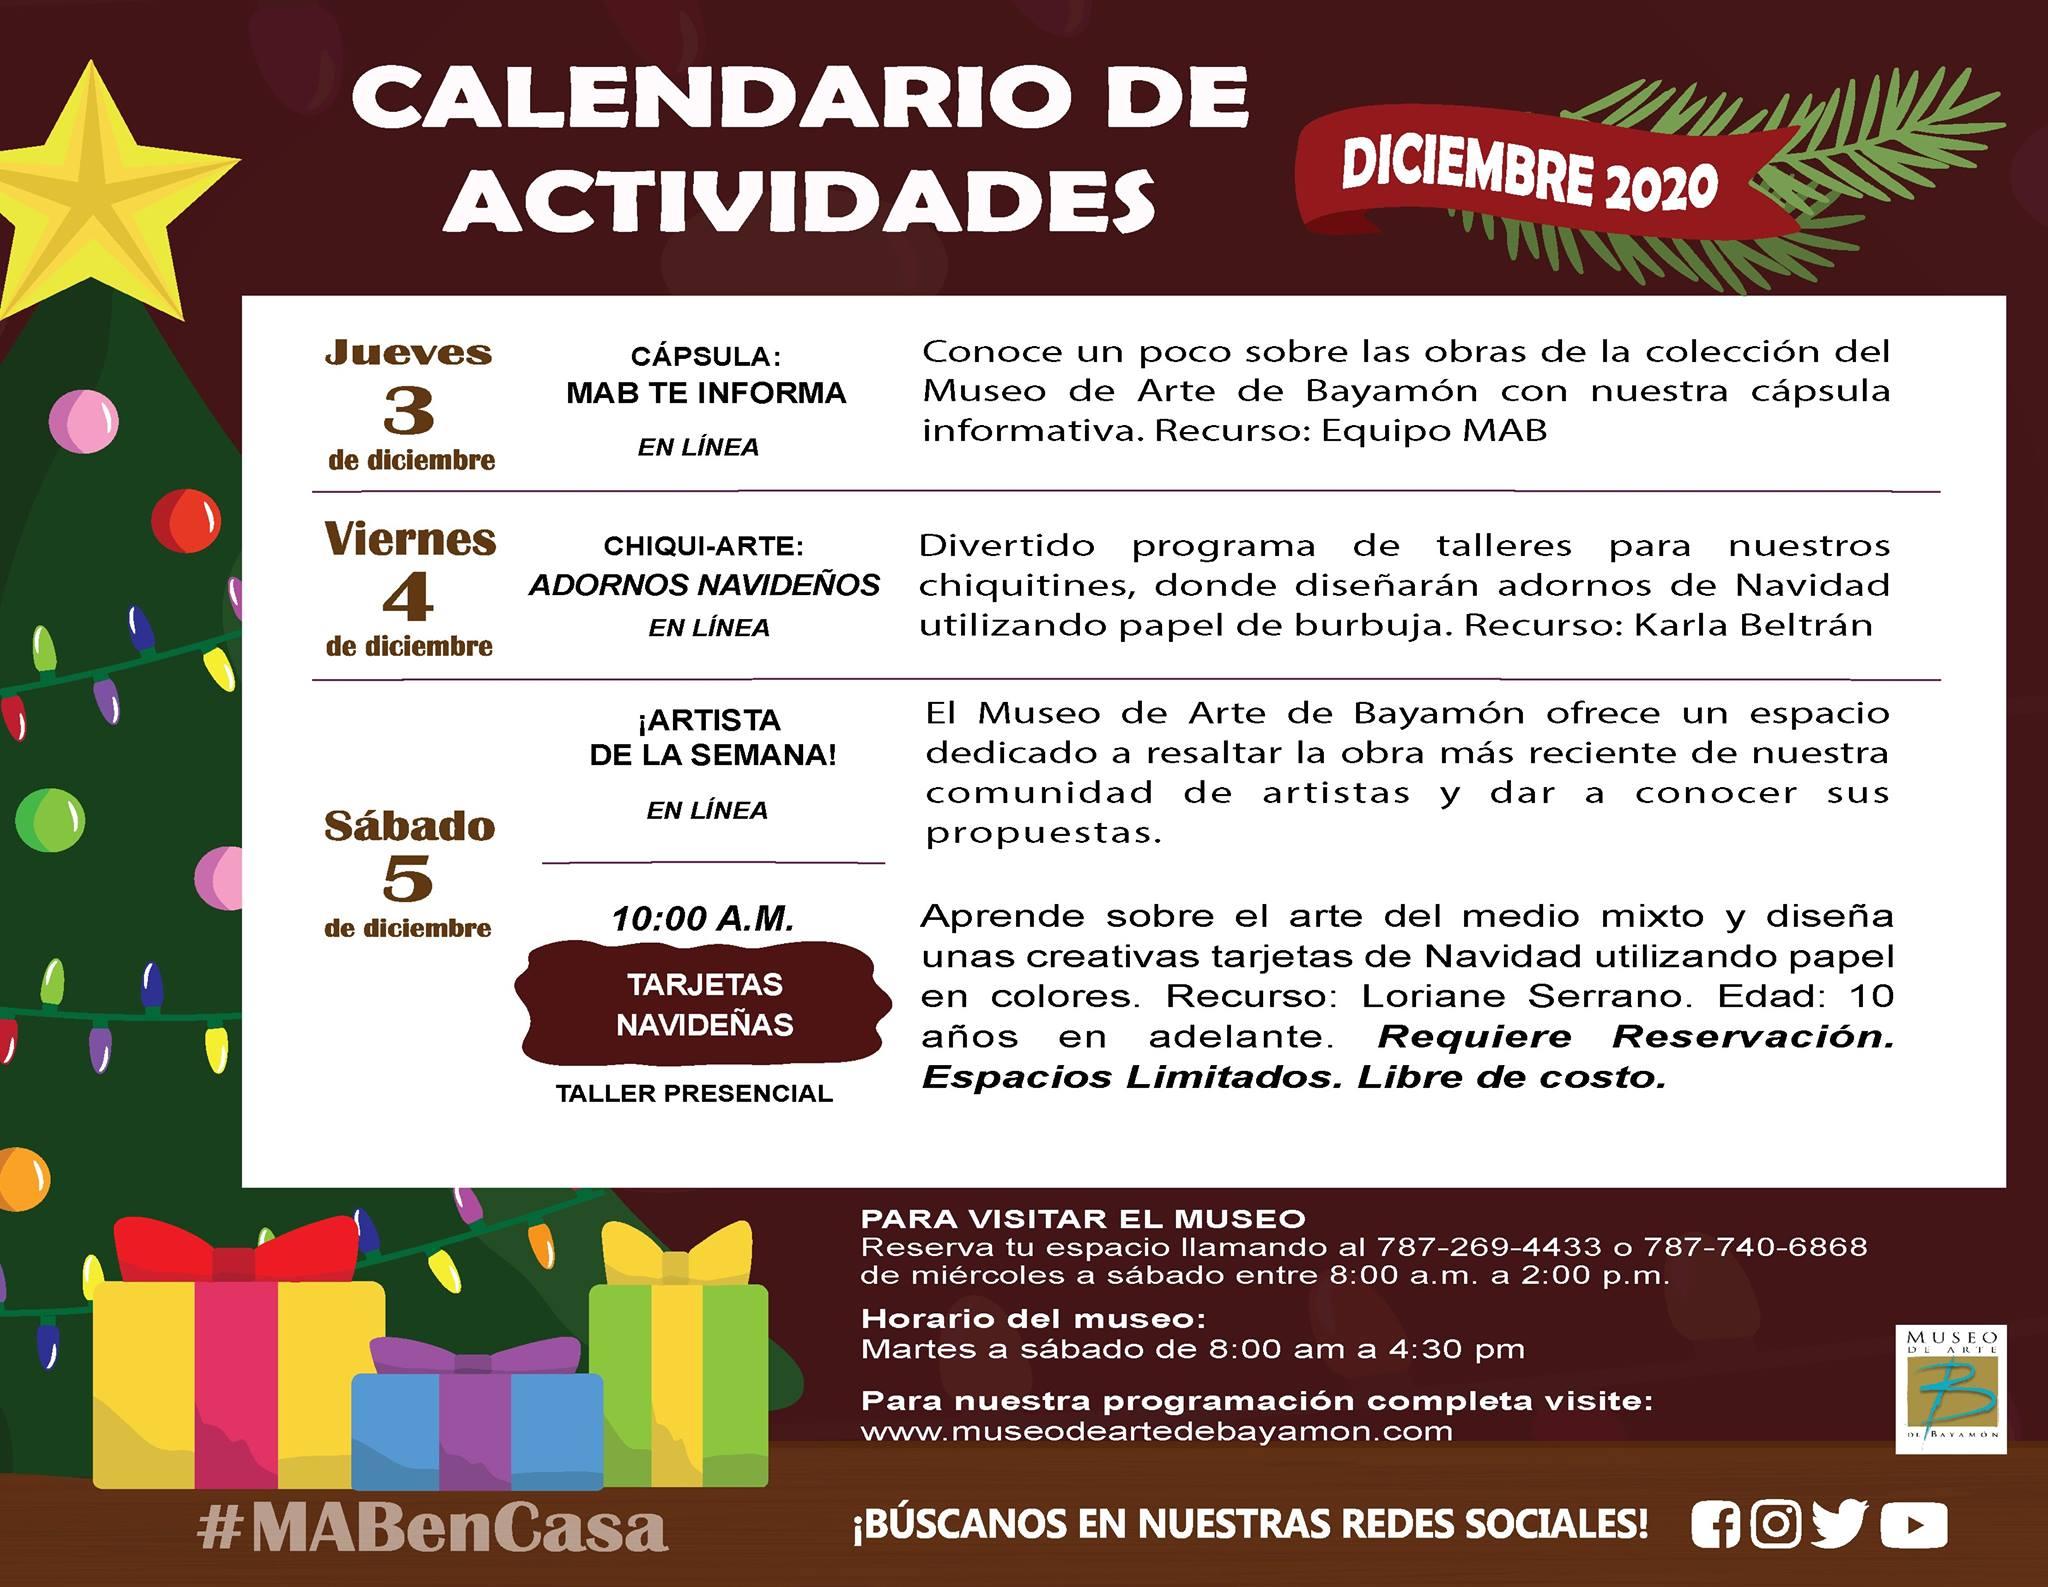 MAB en Casa: del 3 al 5 de diciembre